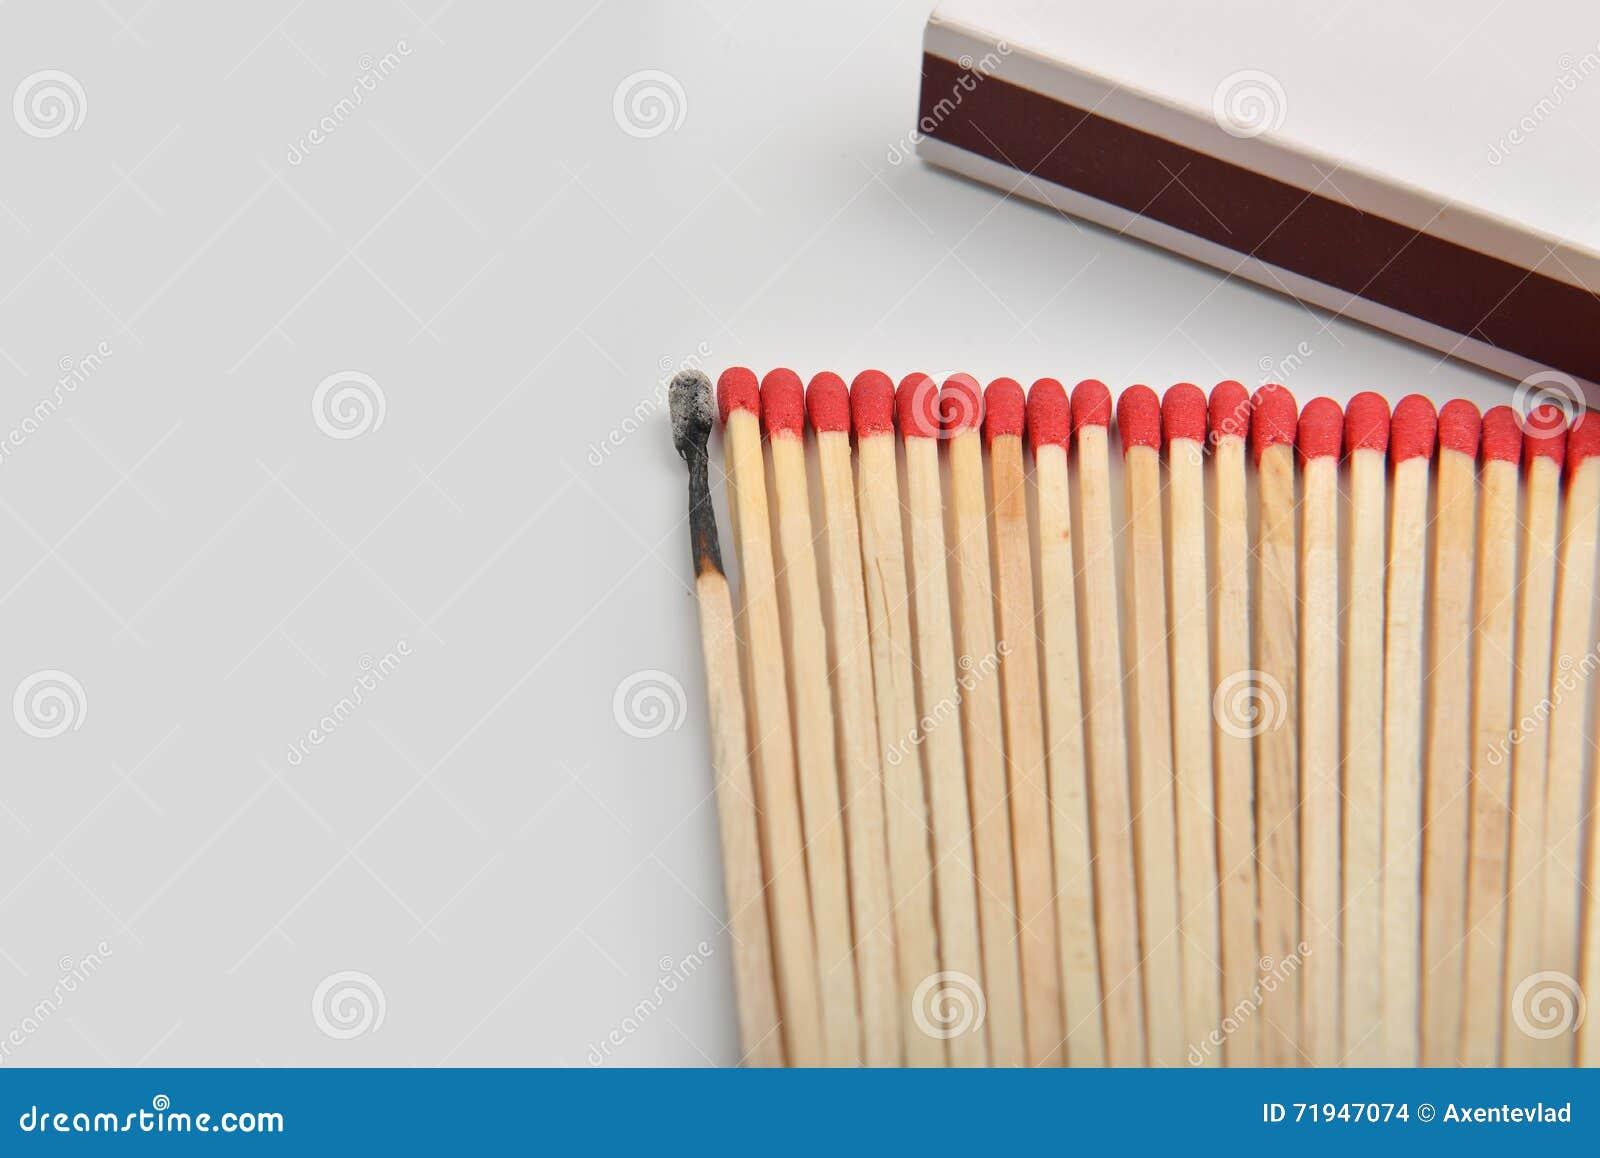 Много красных головных спичек и сгорели одно, который положенными прямо в линию около a